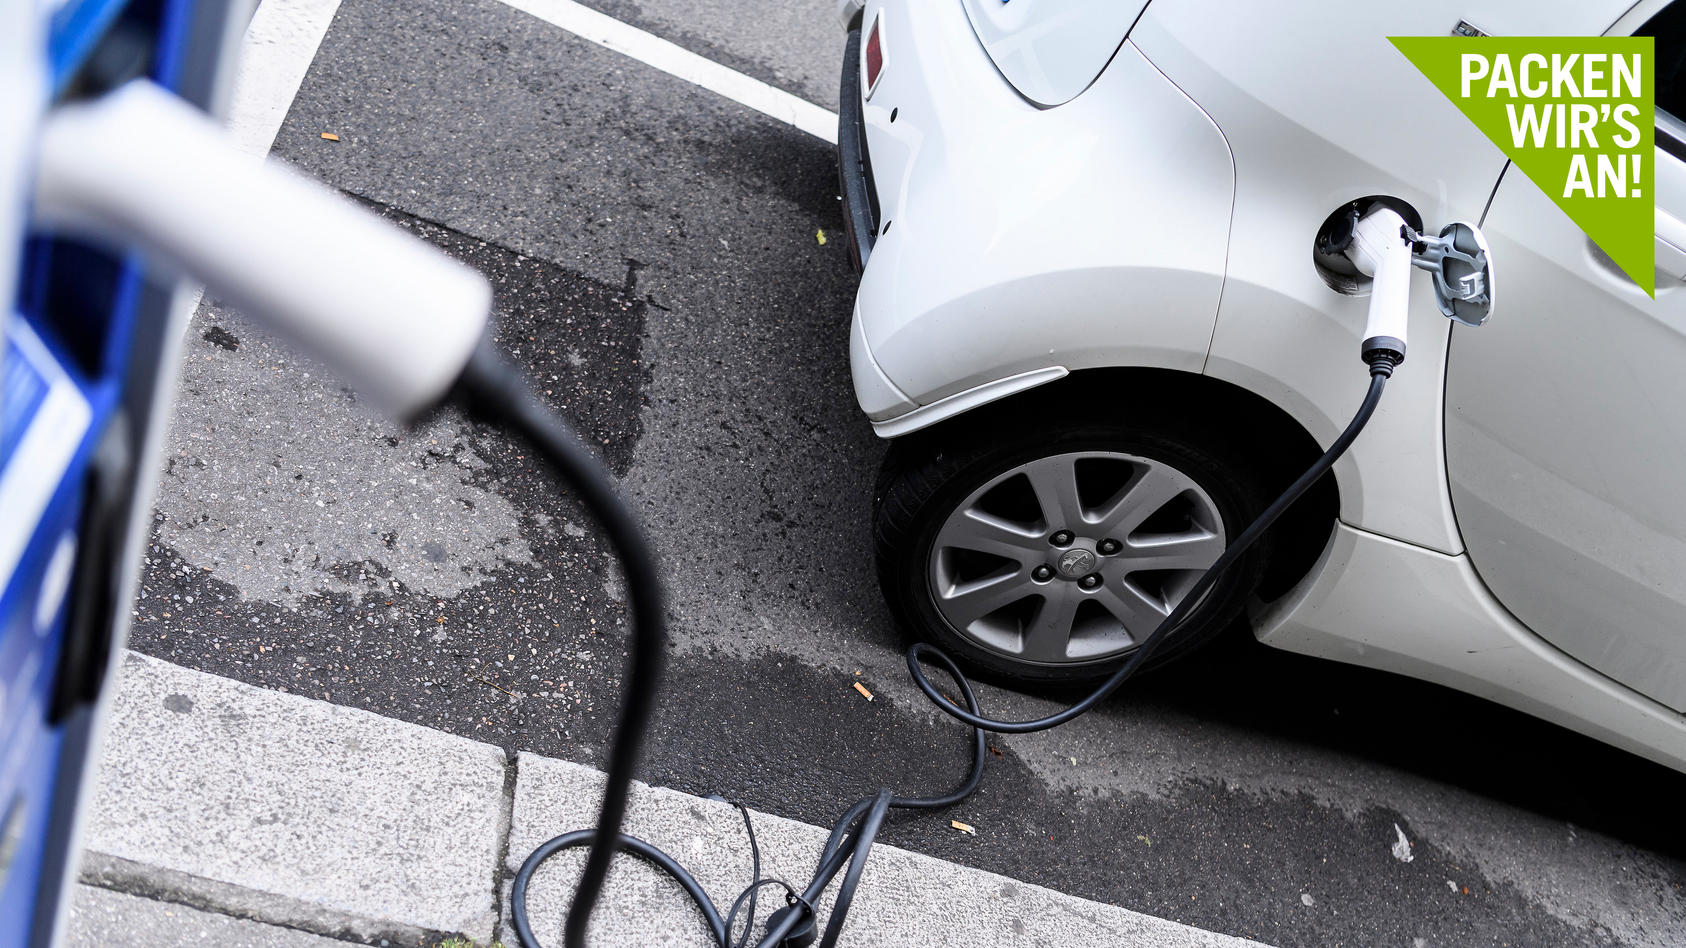 Elektroautos haben derzeit noch eine schlechte Klimabilanz.